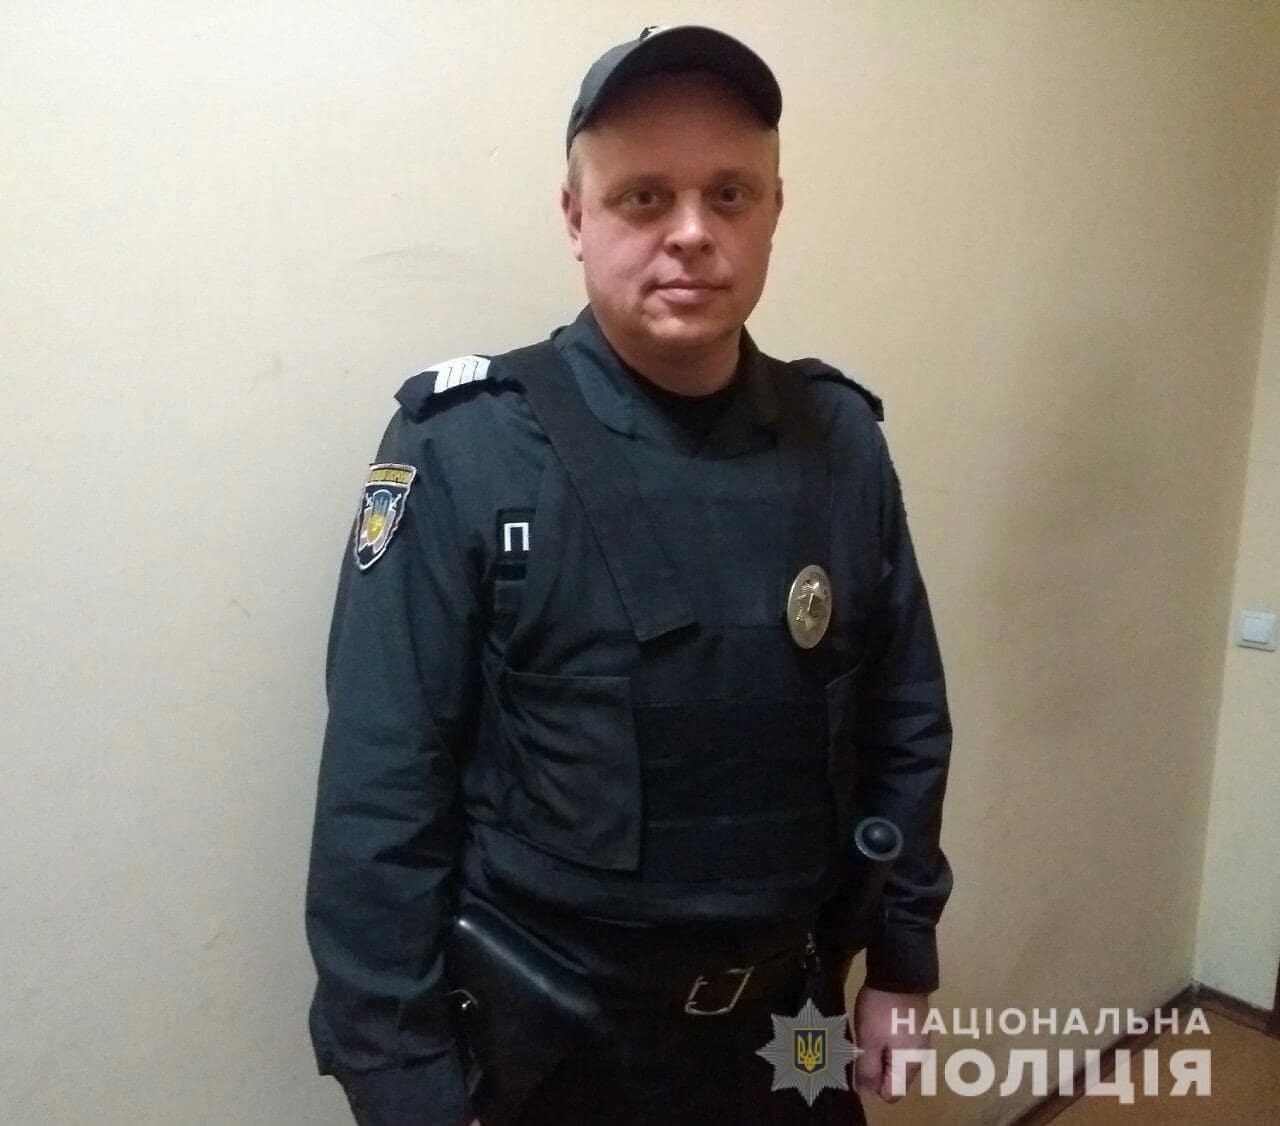 Харьковский полицейский спас пассажиров маршрутки от ДТП, - ФОТО, фото-2